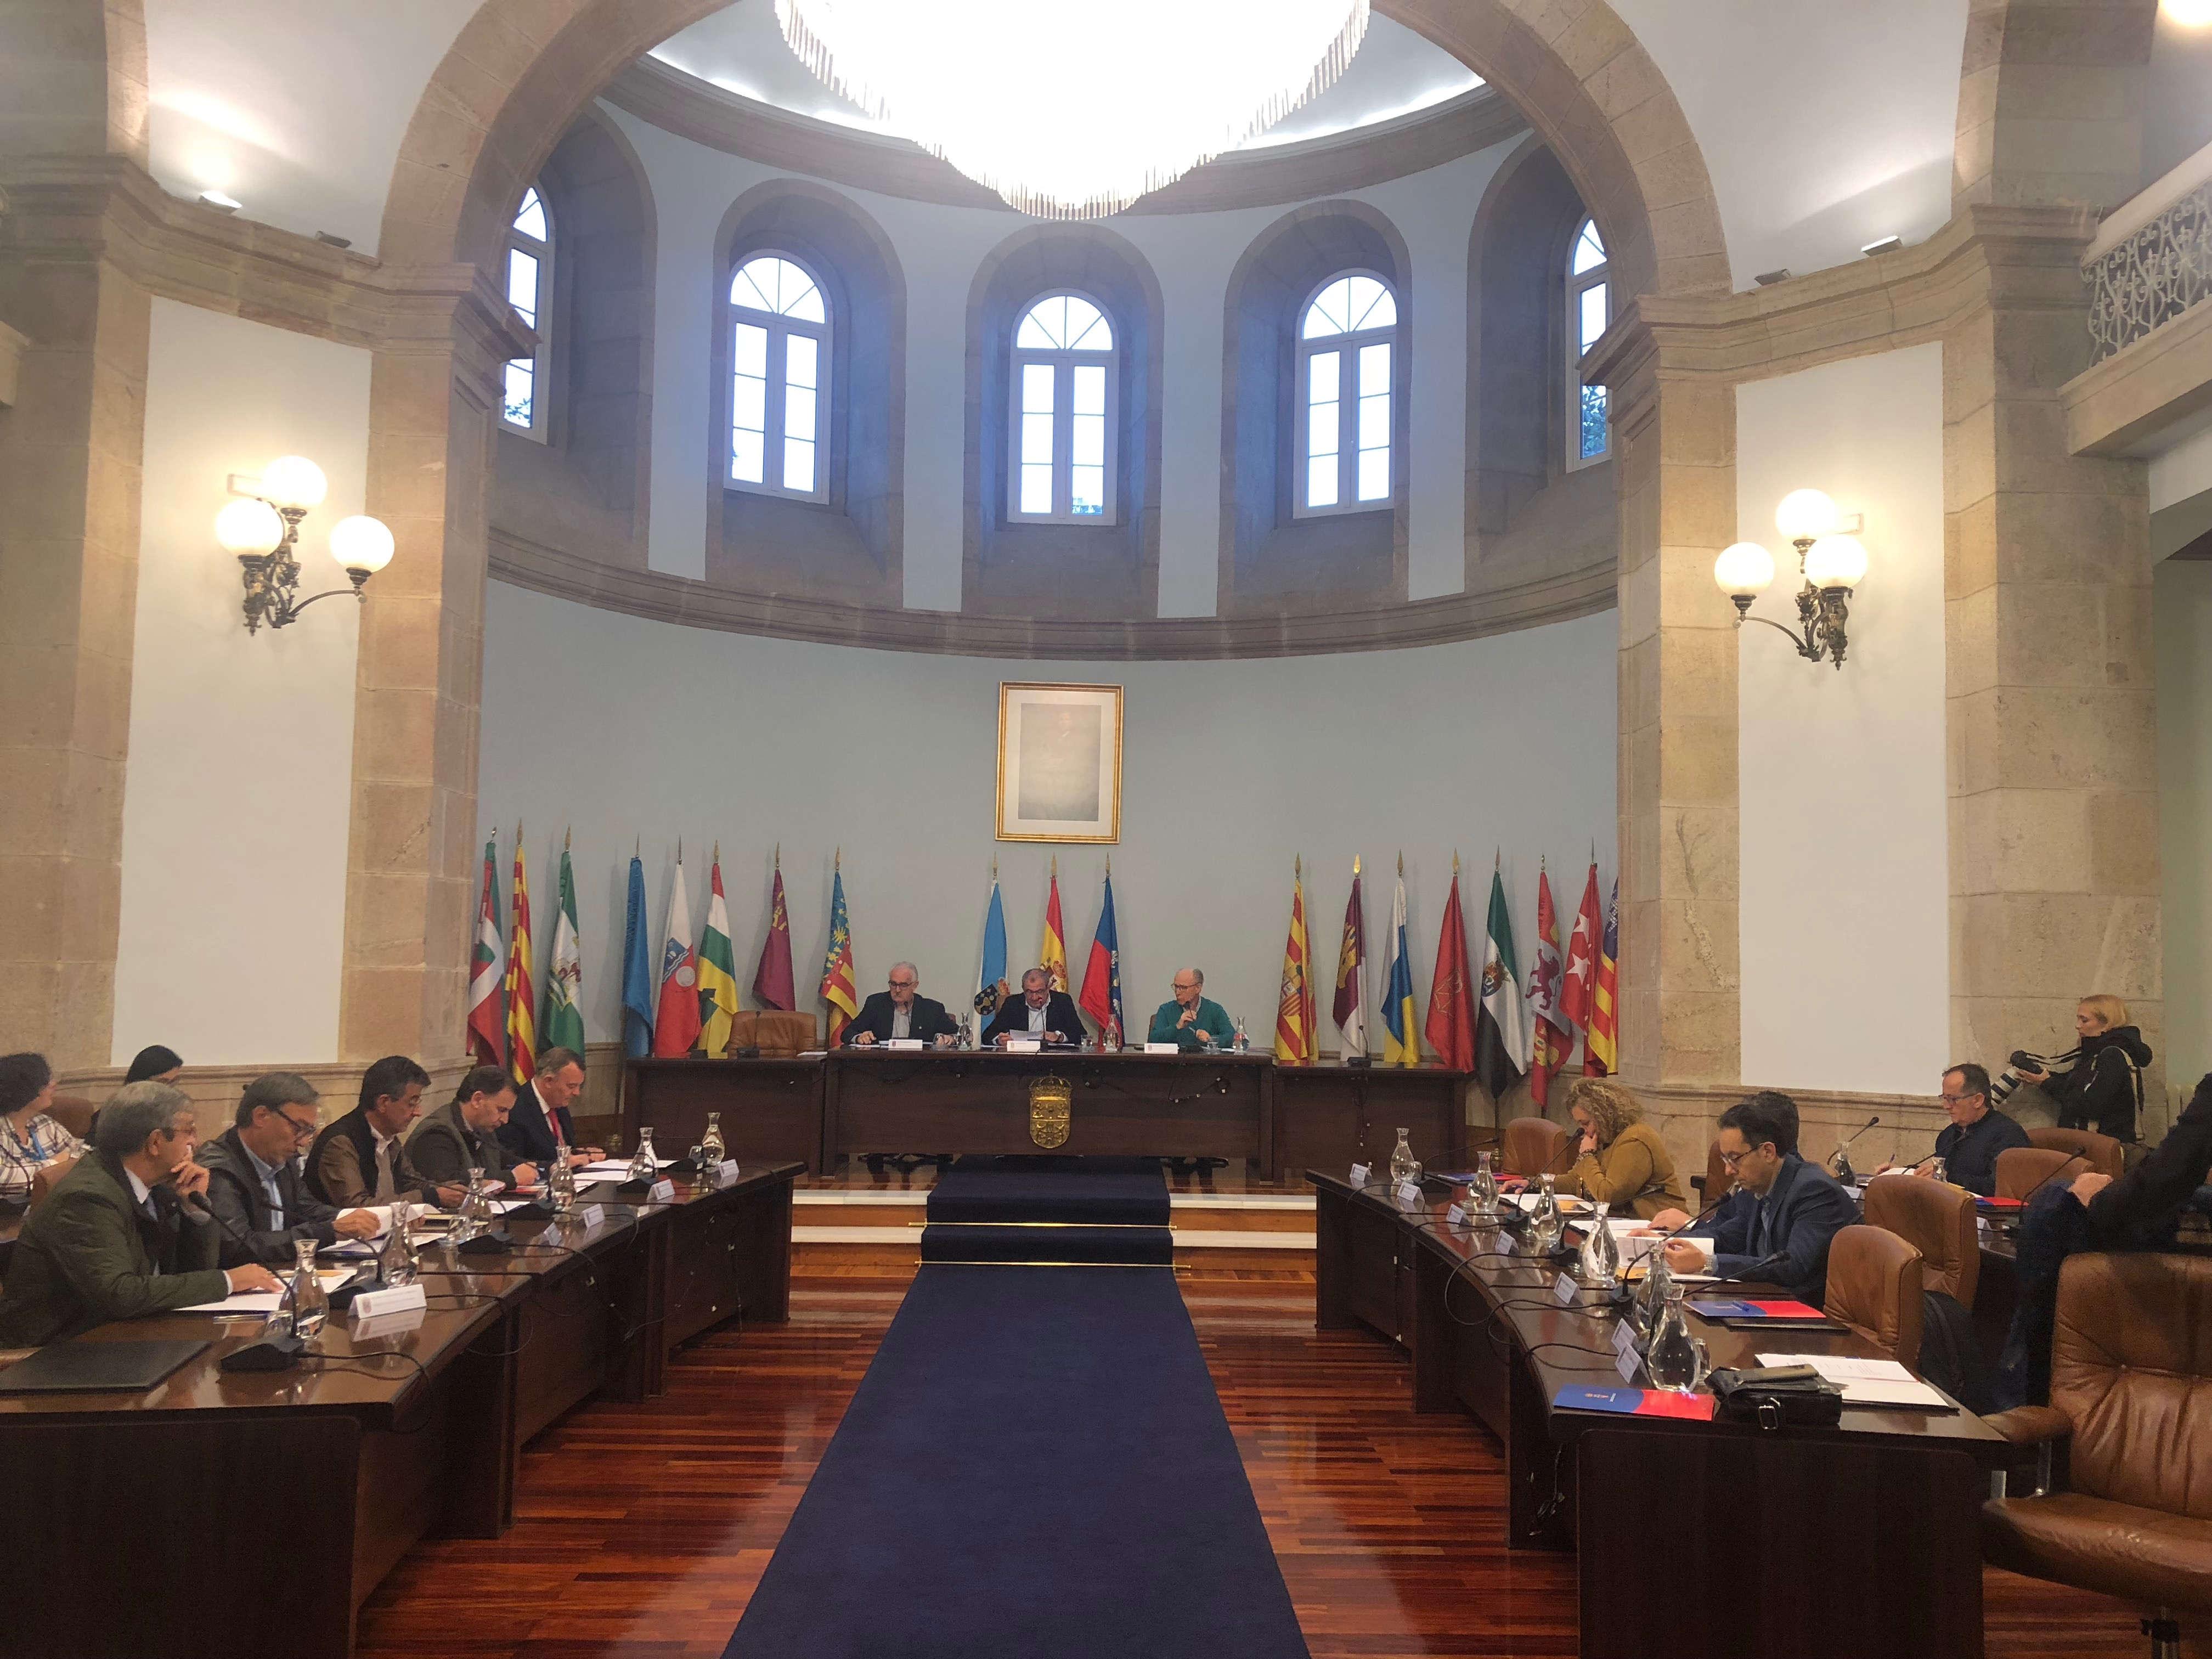 Constitución do Consello Provincial de Turismo